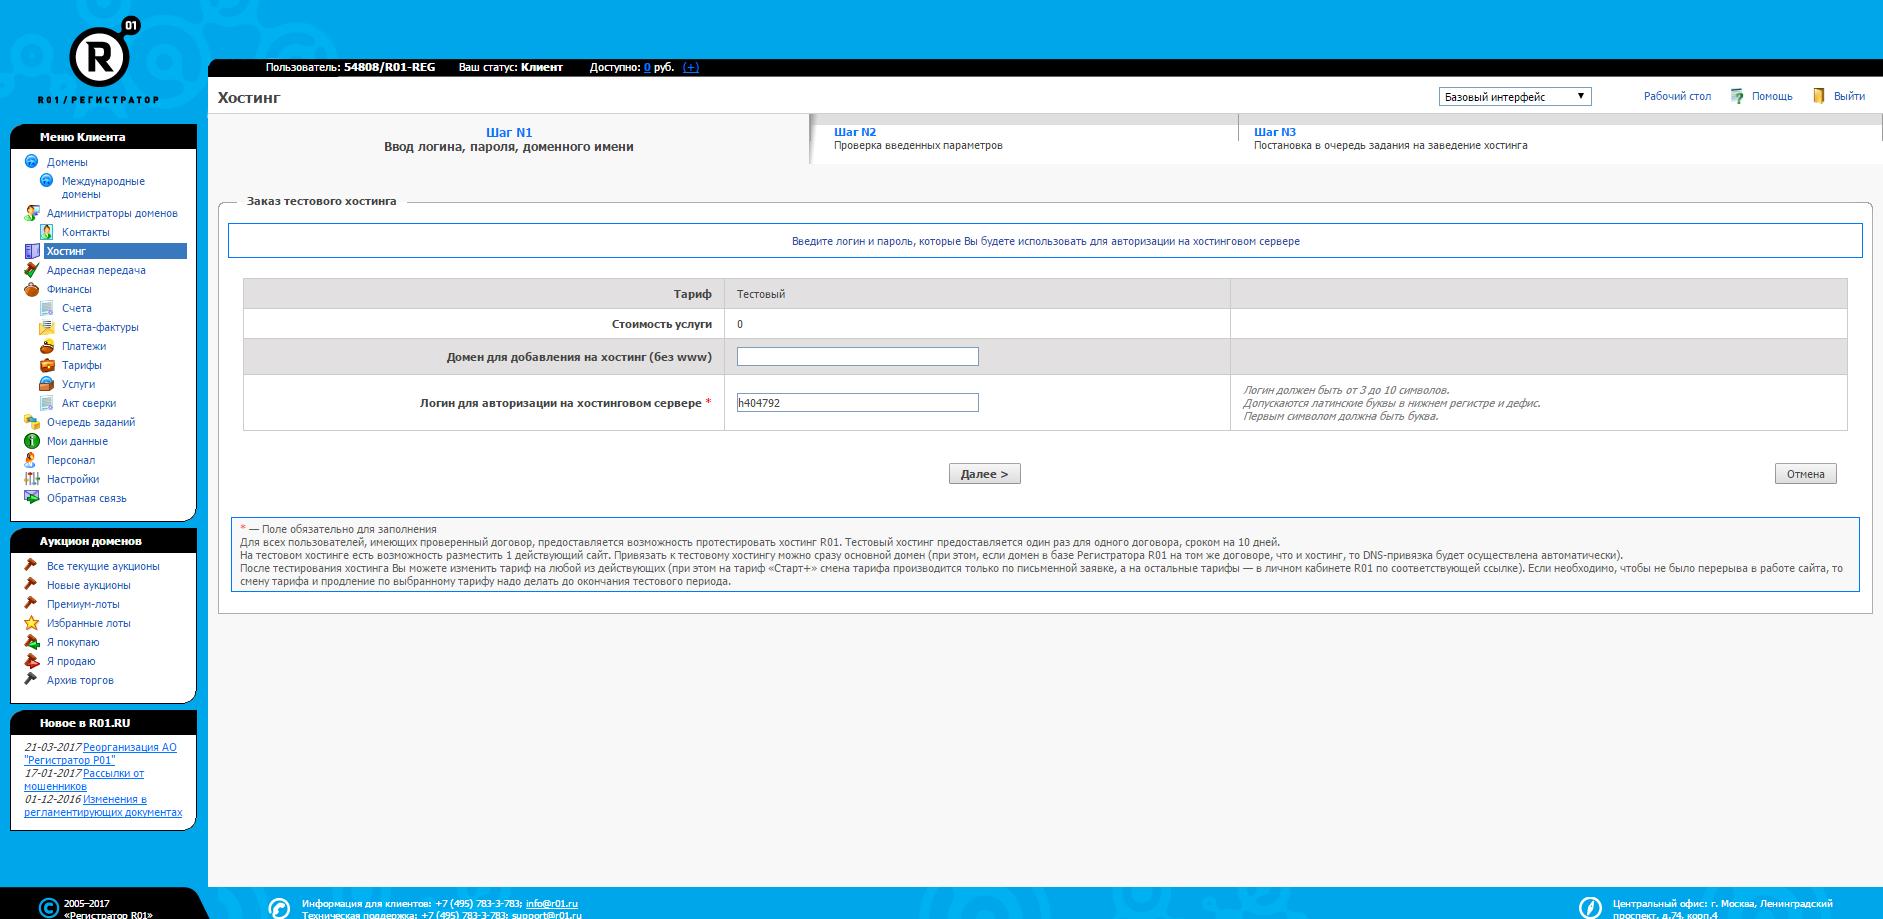 Бесплатный хостинг r01 бесплатный хостинг для серверов в майнкрафт